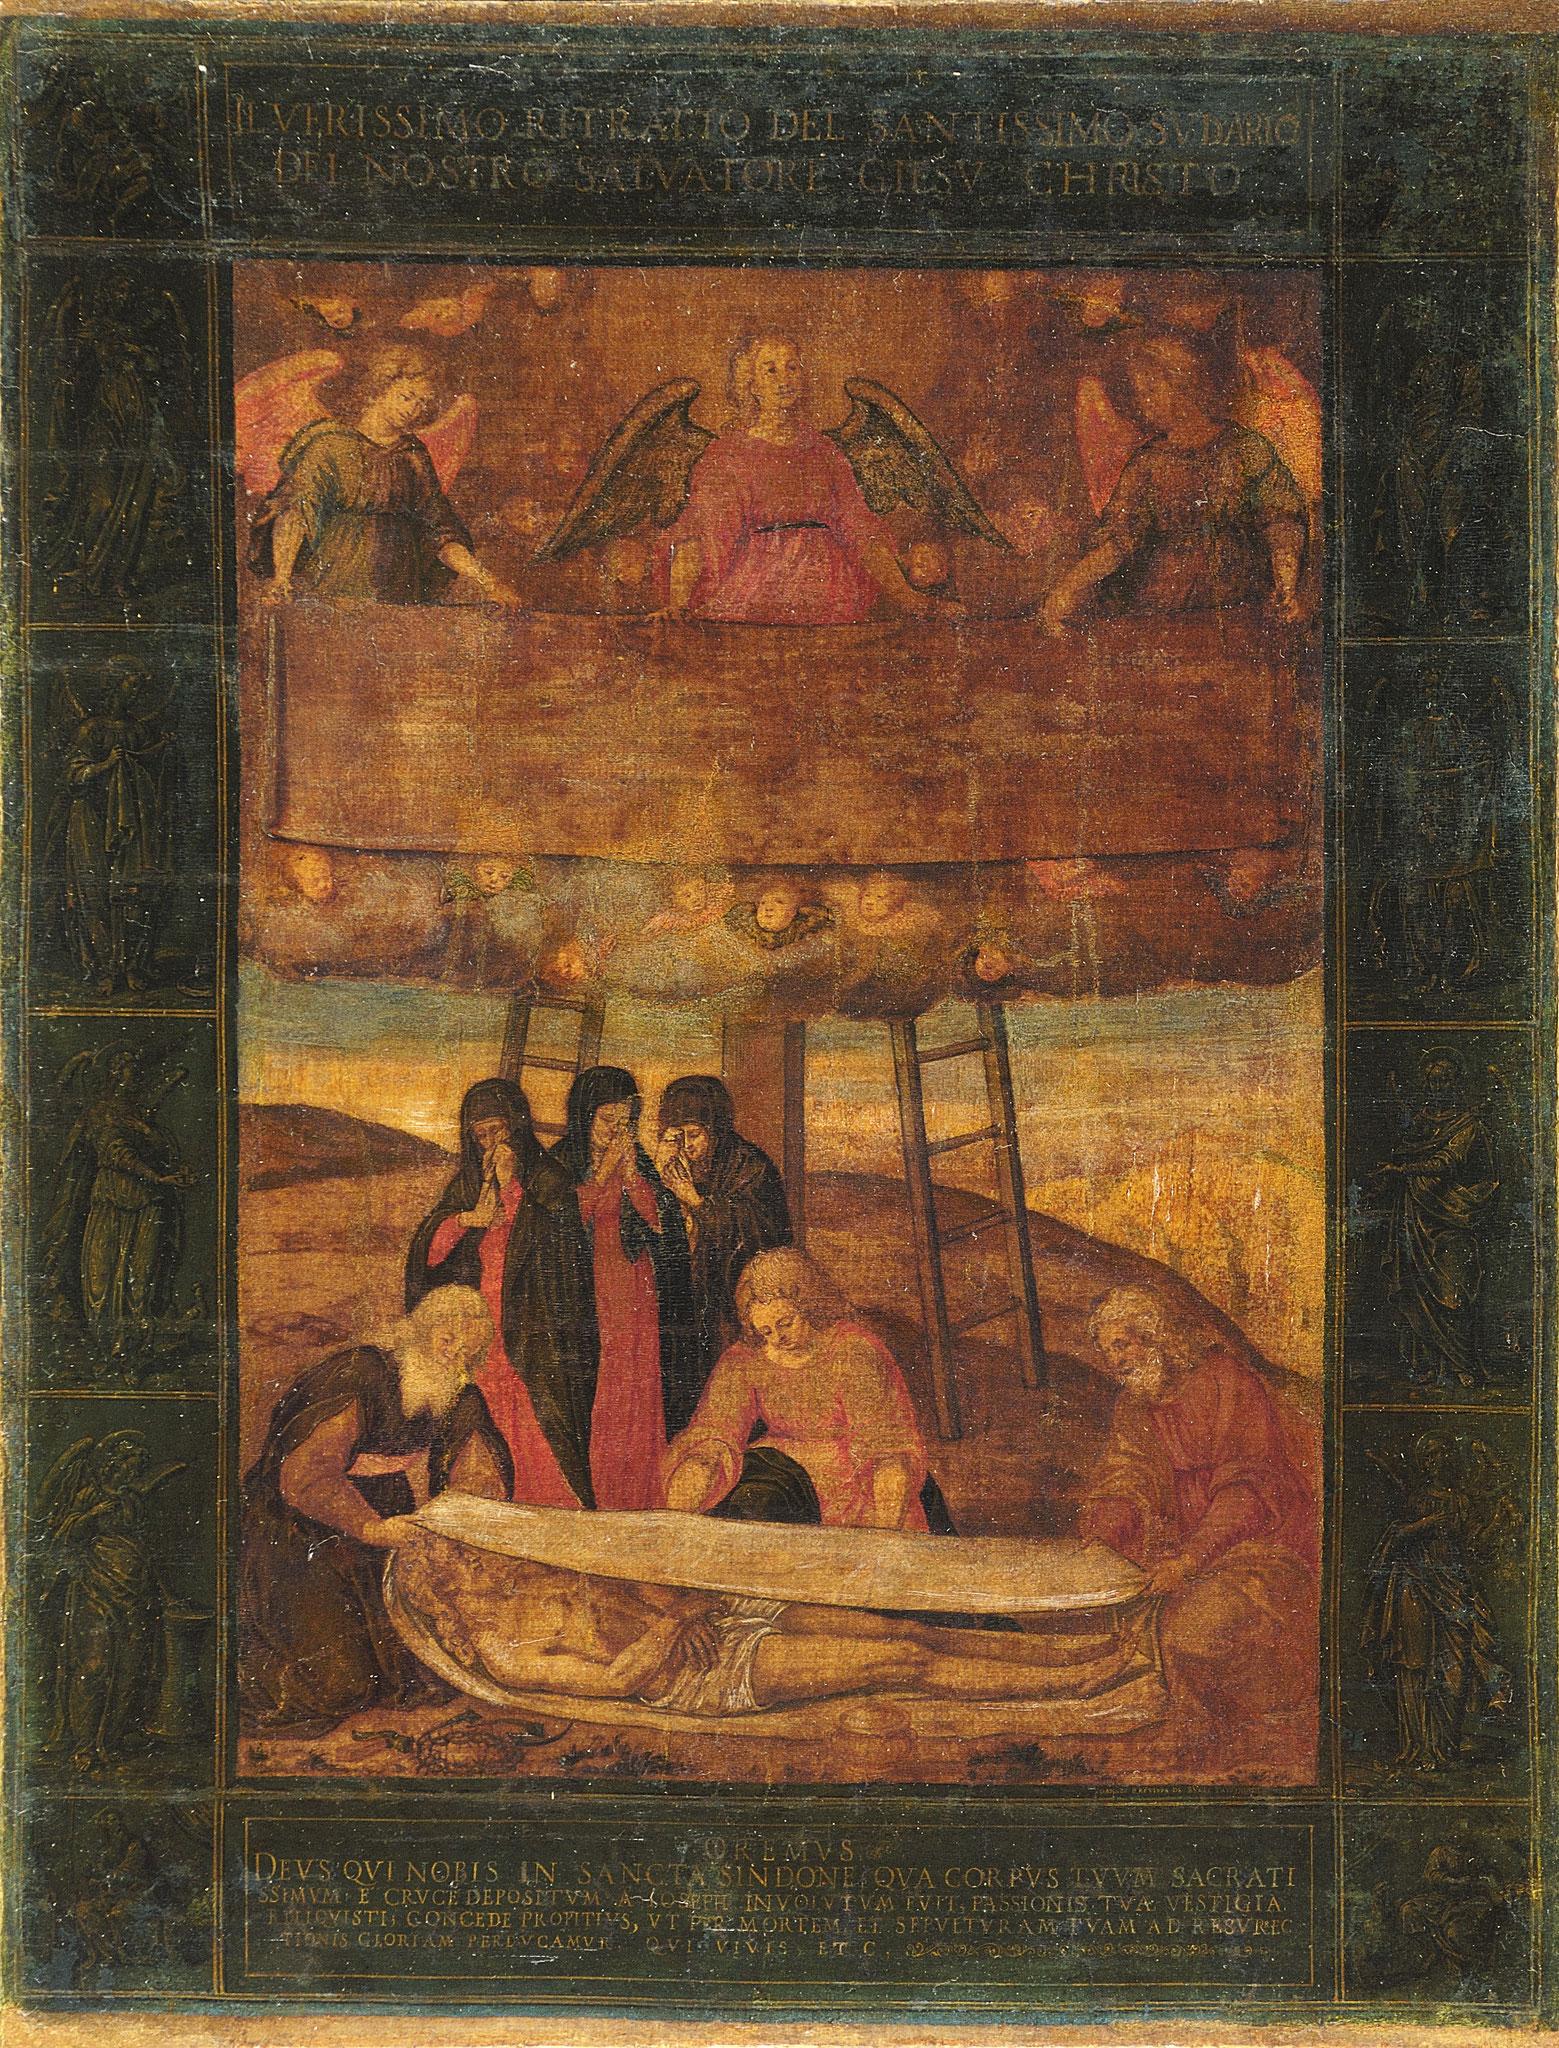 Torino, Museo della Sindone, Giovanni Battista della Rovere, pigmenti su tessuto.